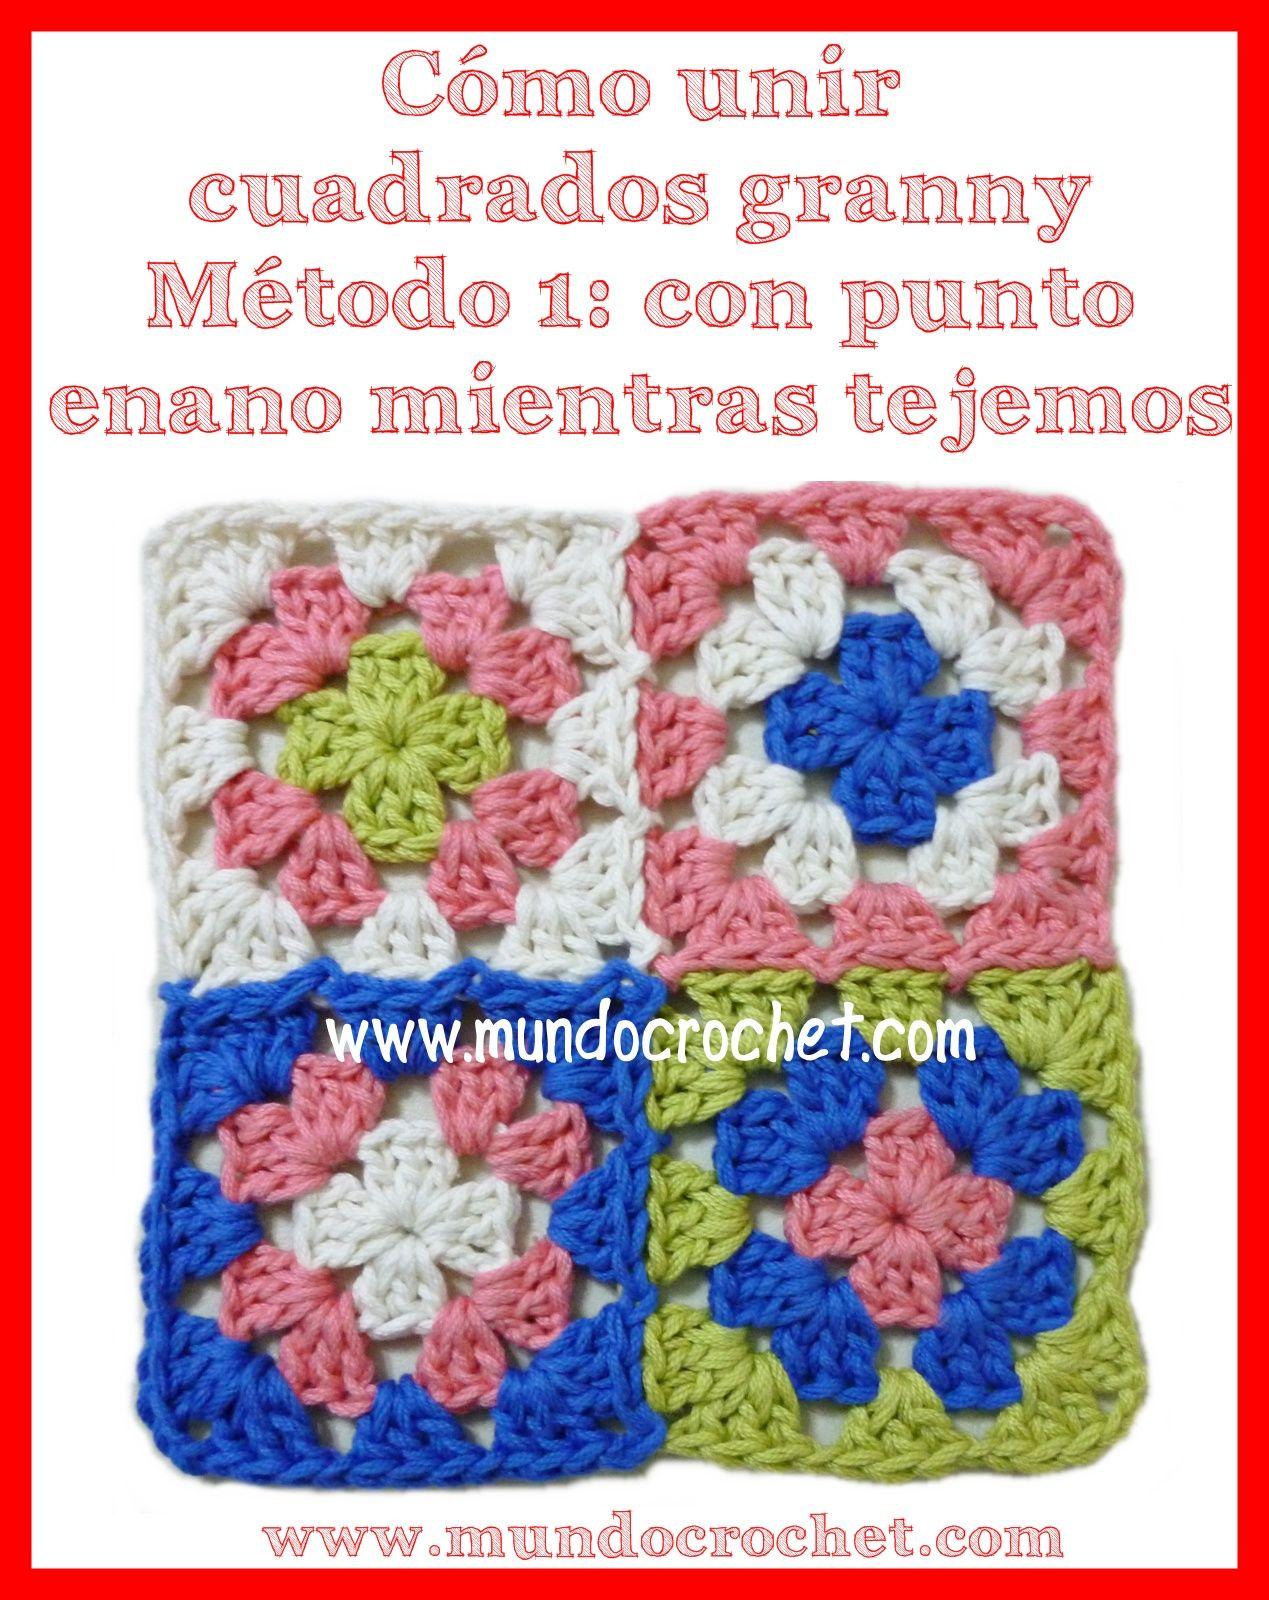 como unir cuadrados granny a crochet o ganchillo | ganchillo ...